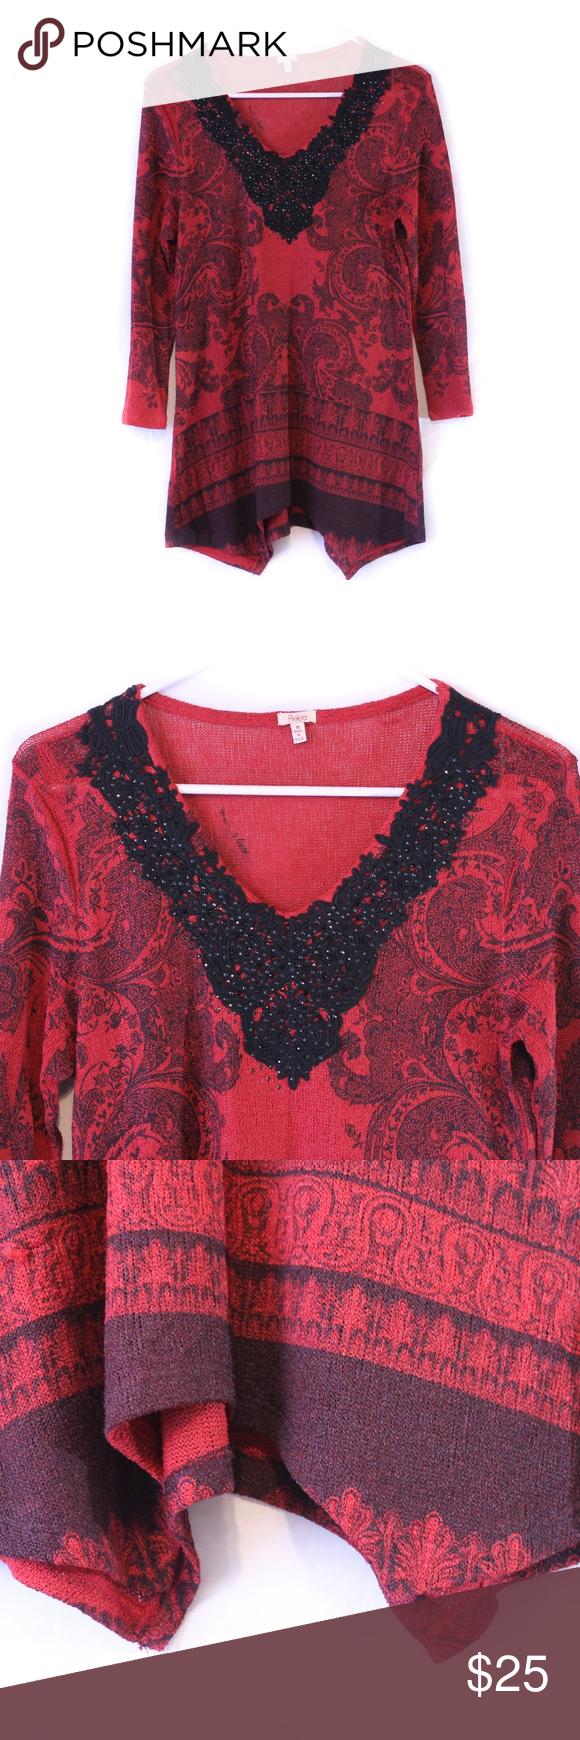 ceb95a28b19 Reba Sequin Top Medium Red Black Long Sleeves in 2018